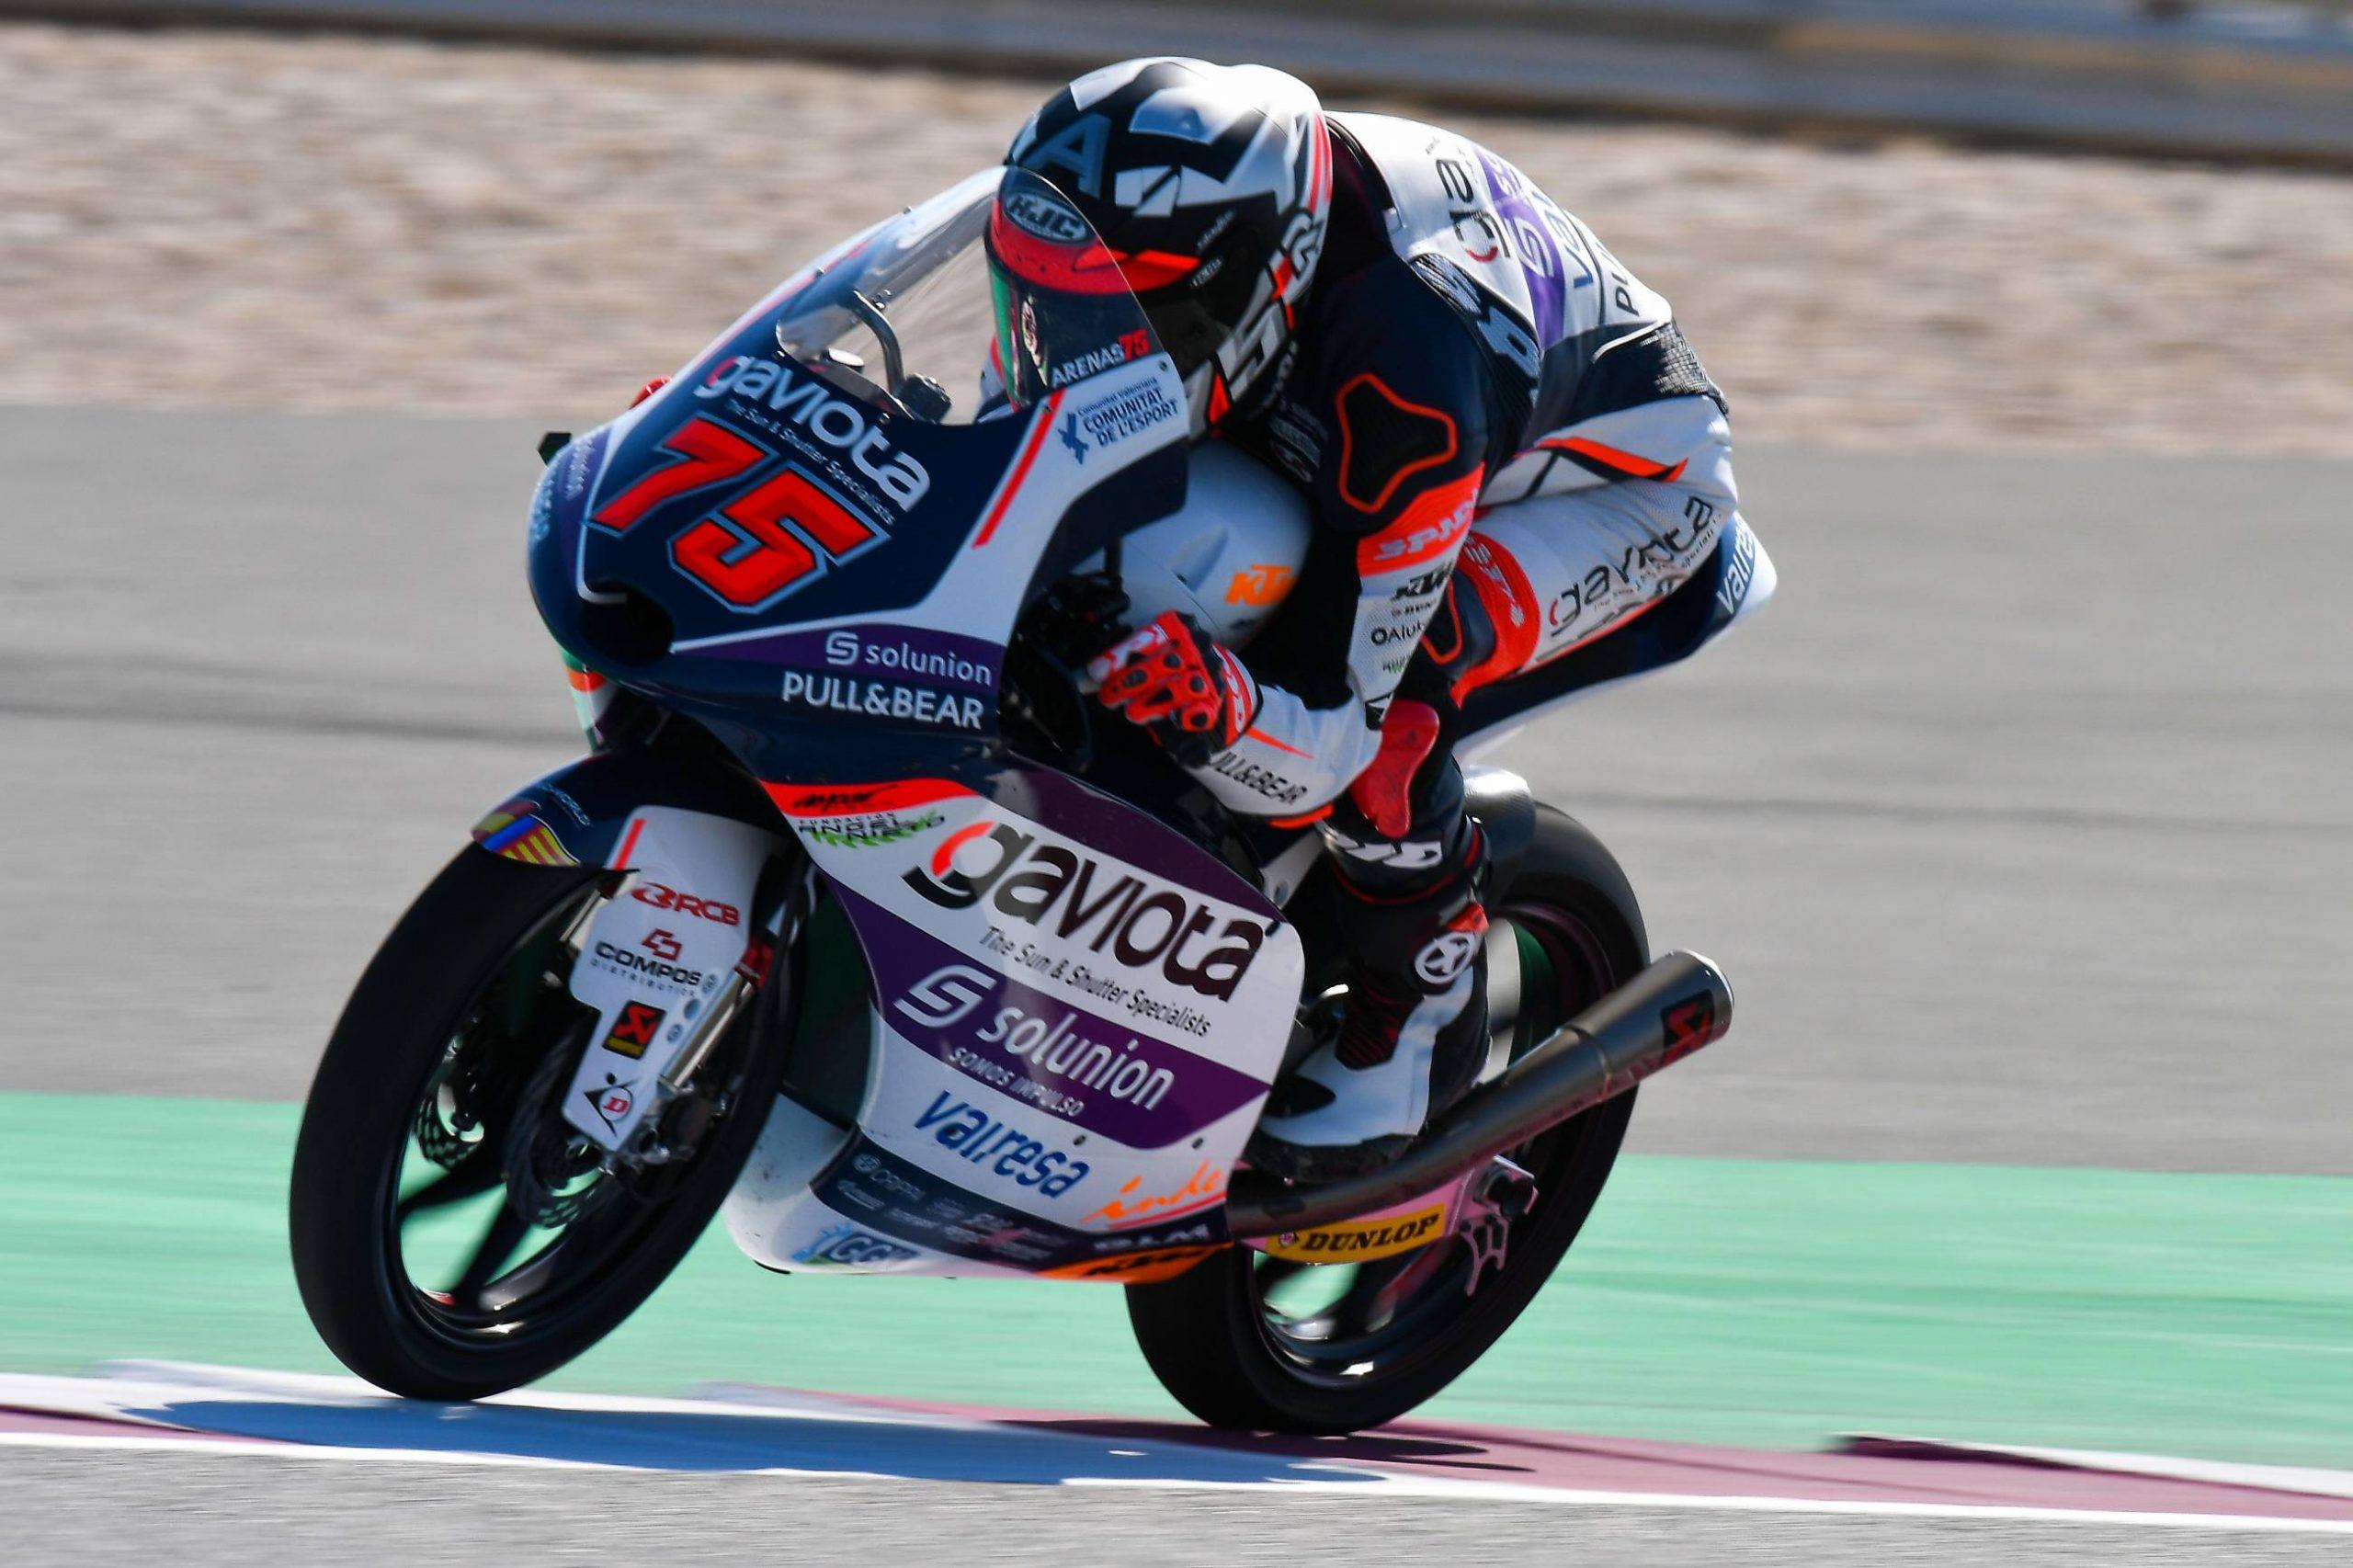 Albert Arenas triunfa en una emocionante carrera de Moto3 Catar